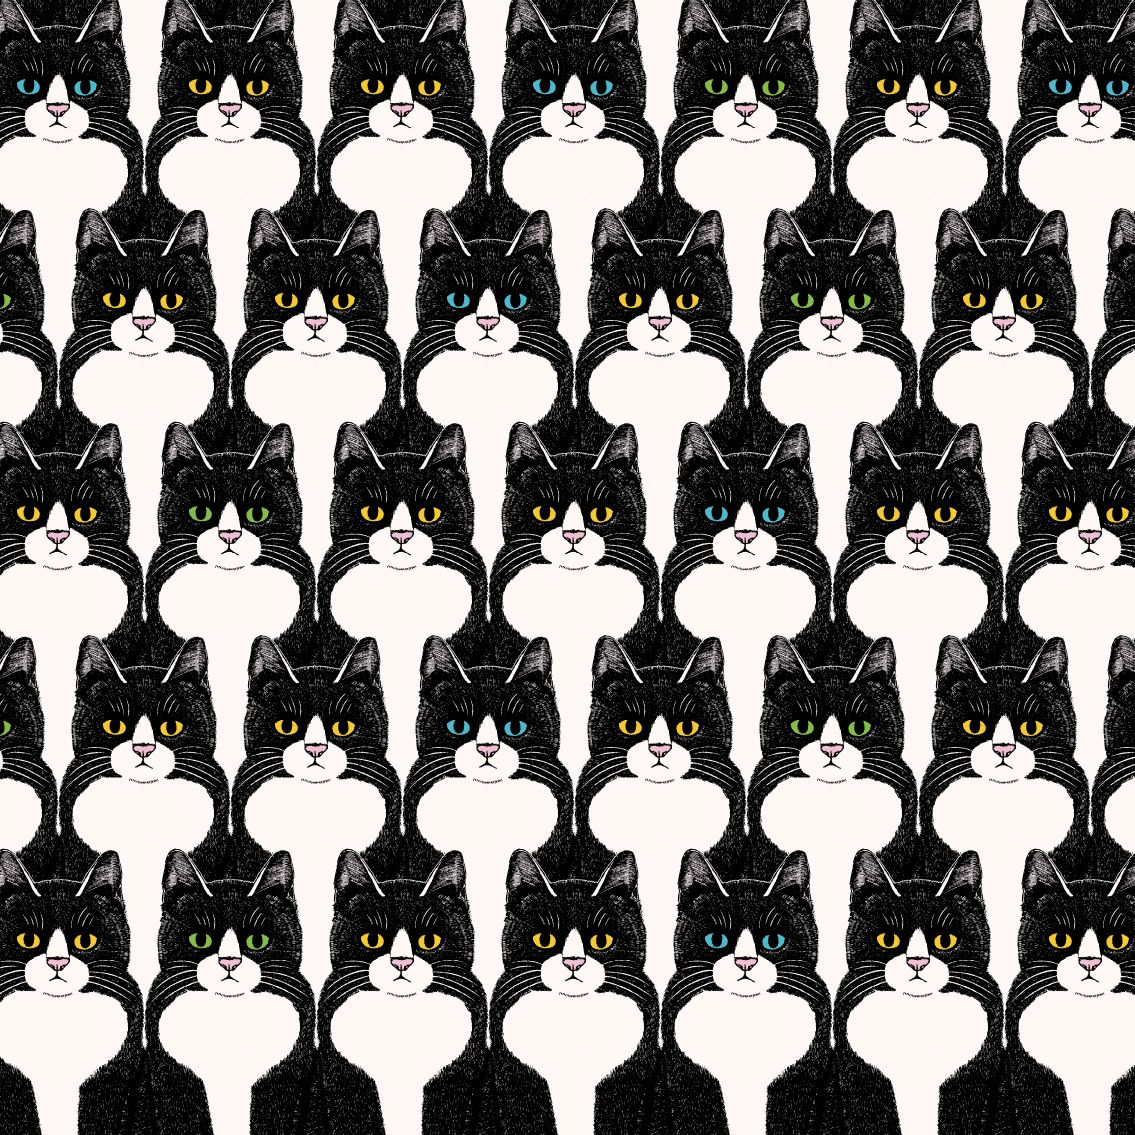 ハチワレ猫のシームレスパターン「マタタビ」 #パターン